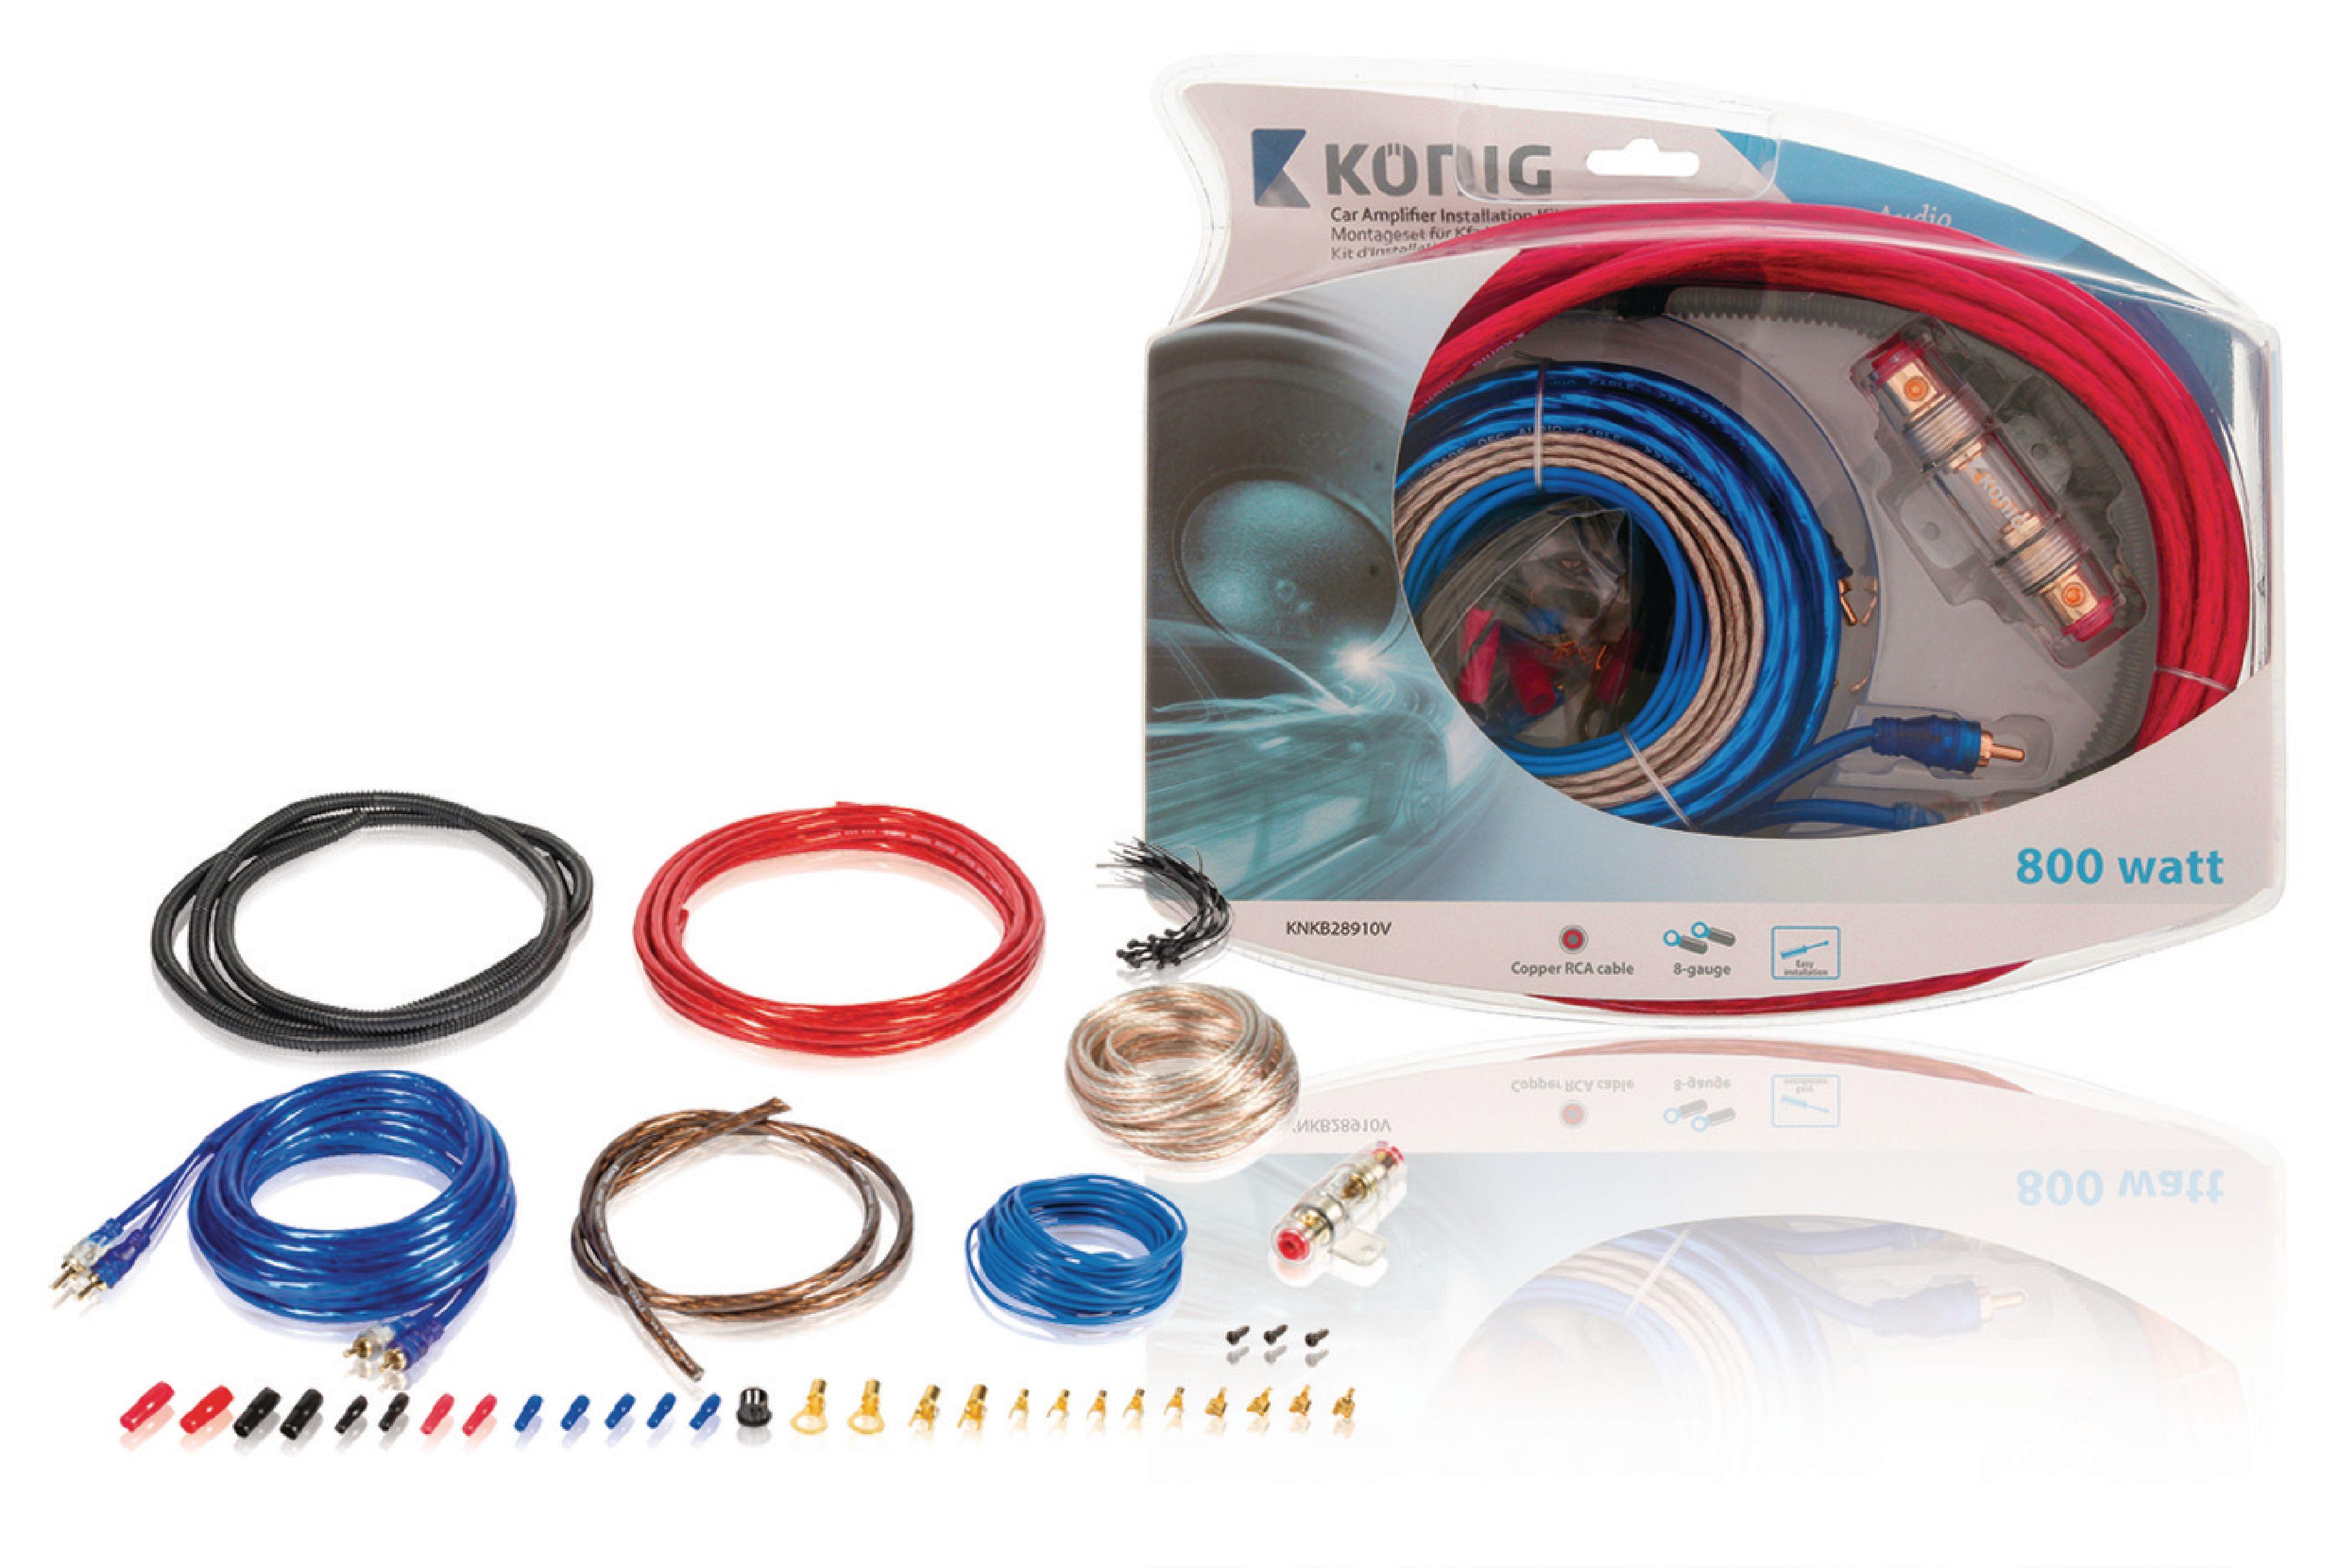 Propojovací audio sada do automobilu 800 W König KNKB28910V